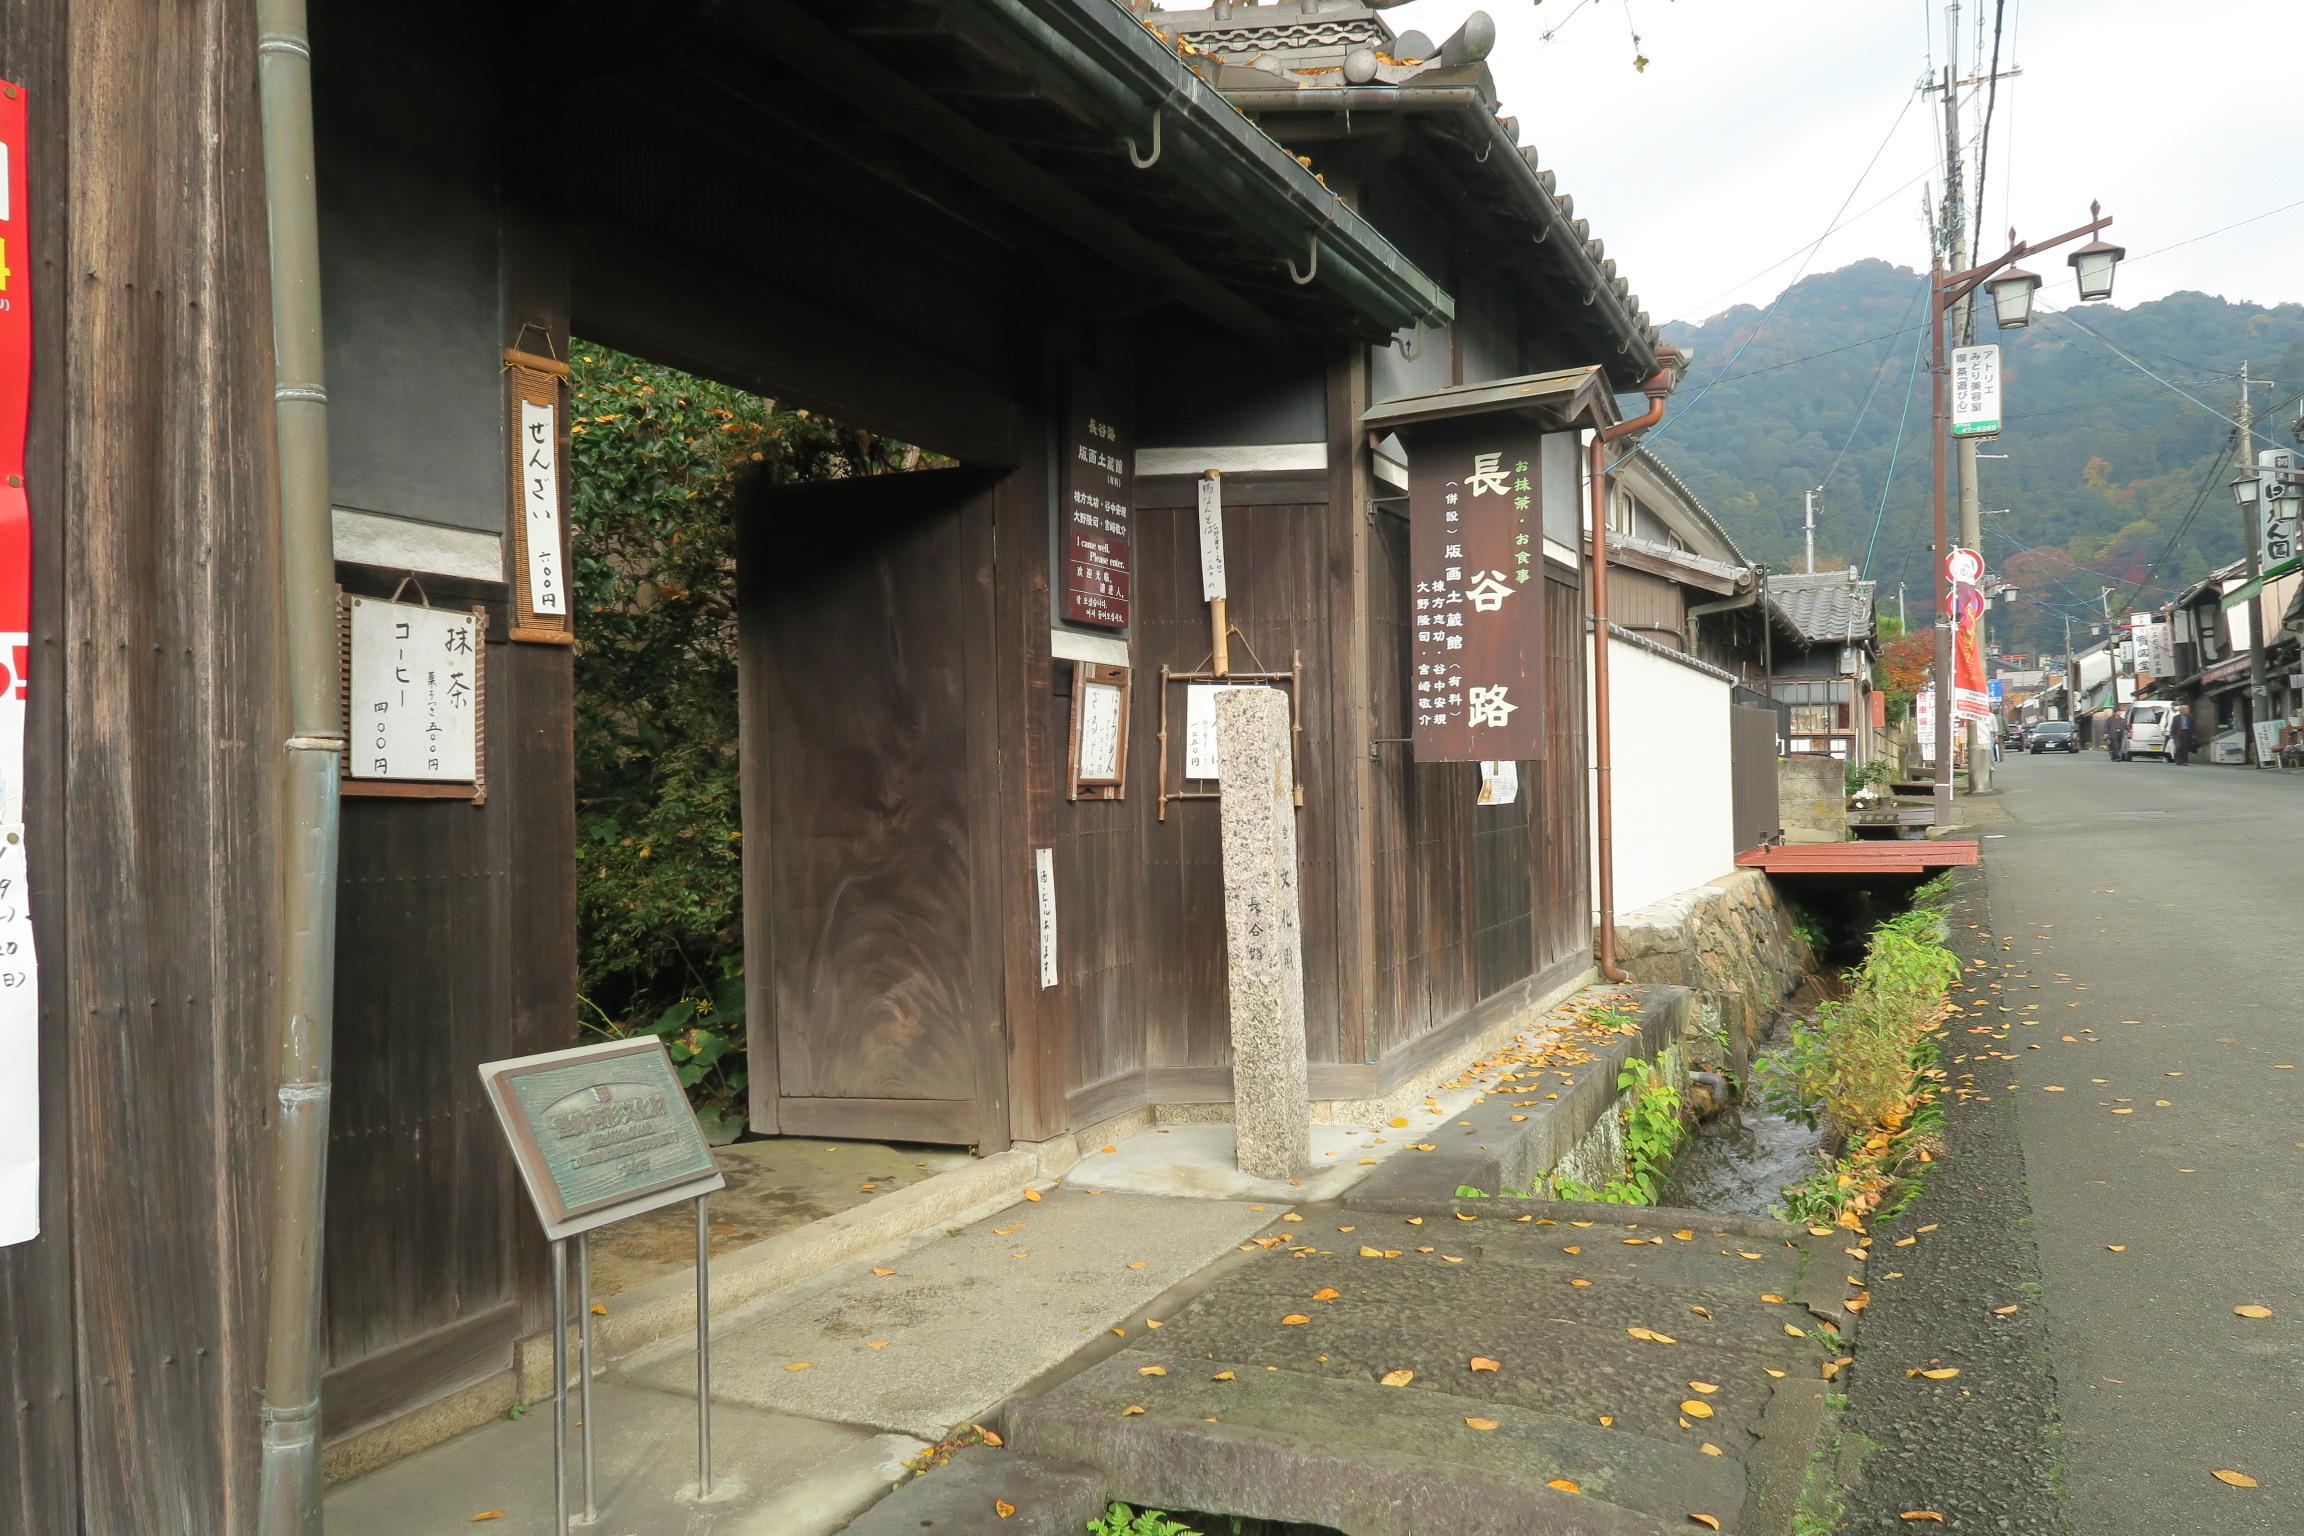 長谷寺へ向かう途中のお抹茶・お食事処。趣きのある門なので、入ってみたかったですね。